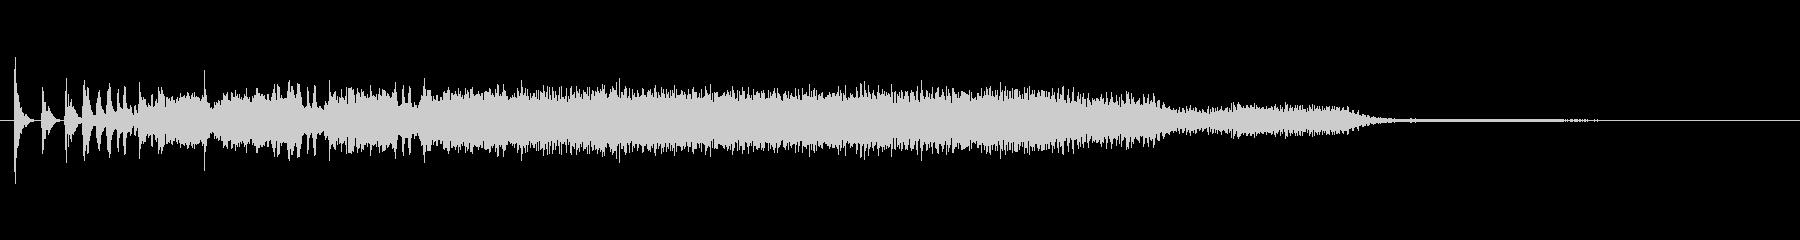 不思議な鳴き声の未再生の波形